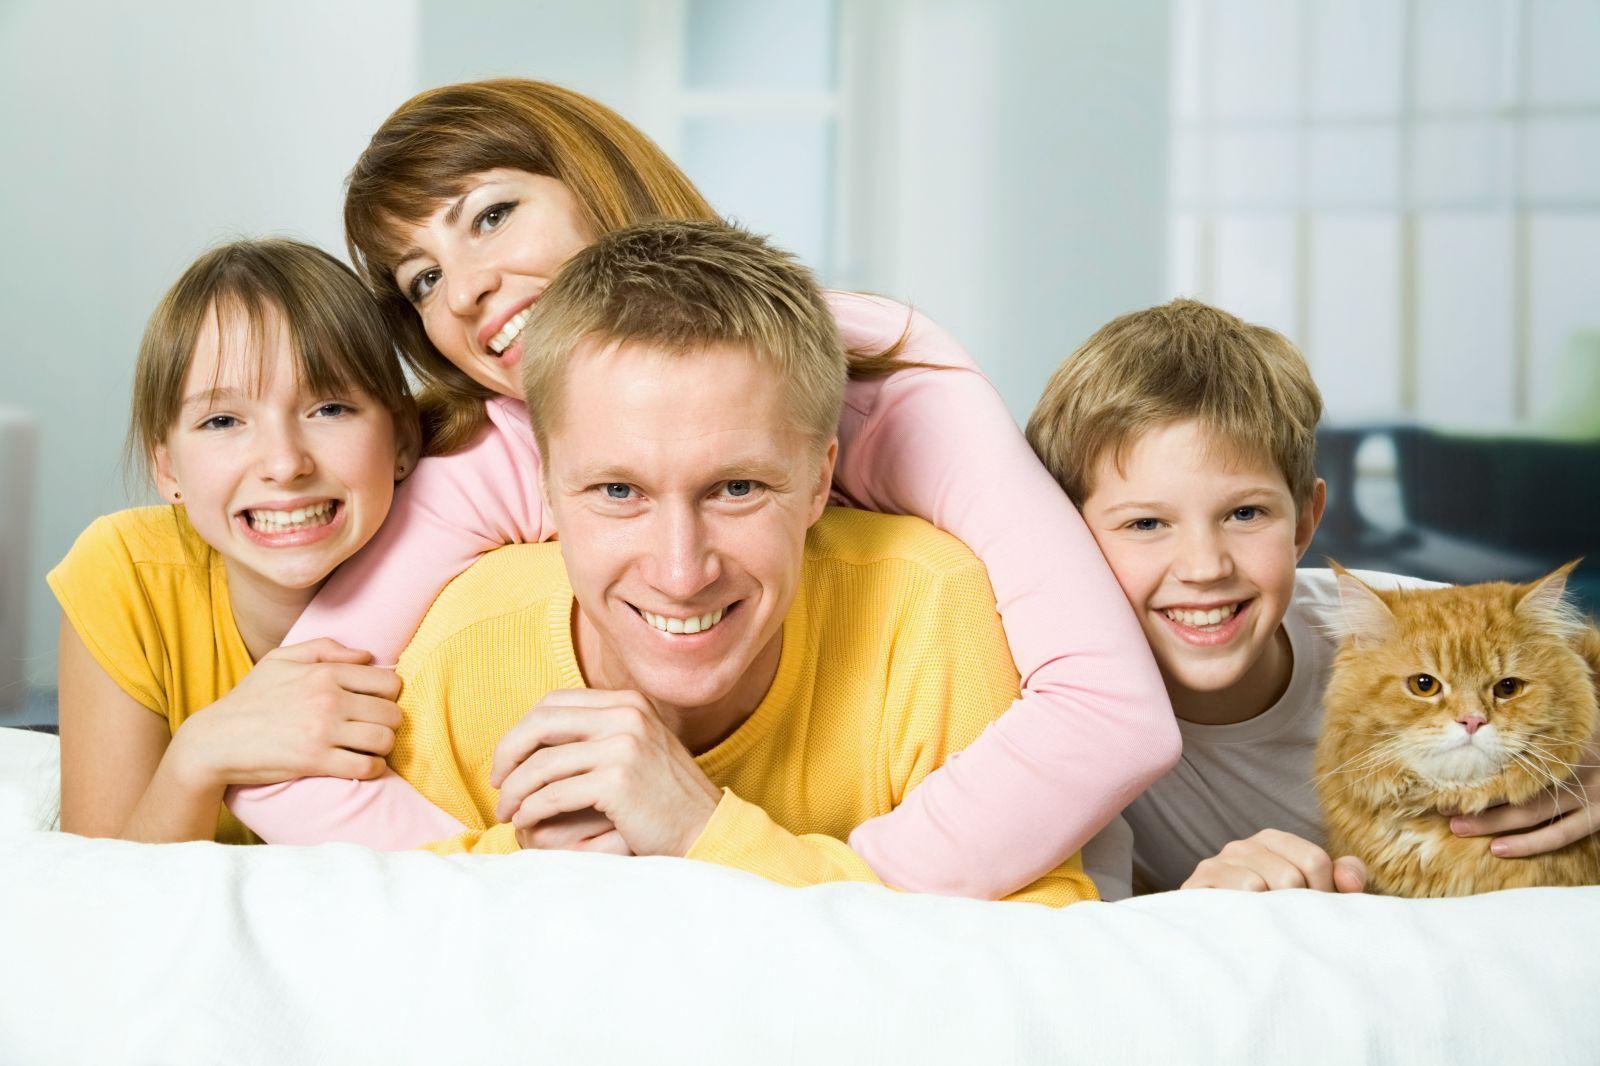 интересные картинки о детях и семьях